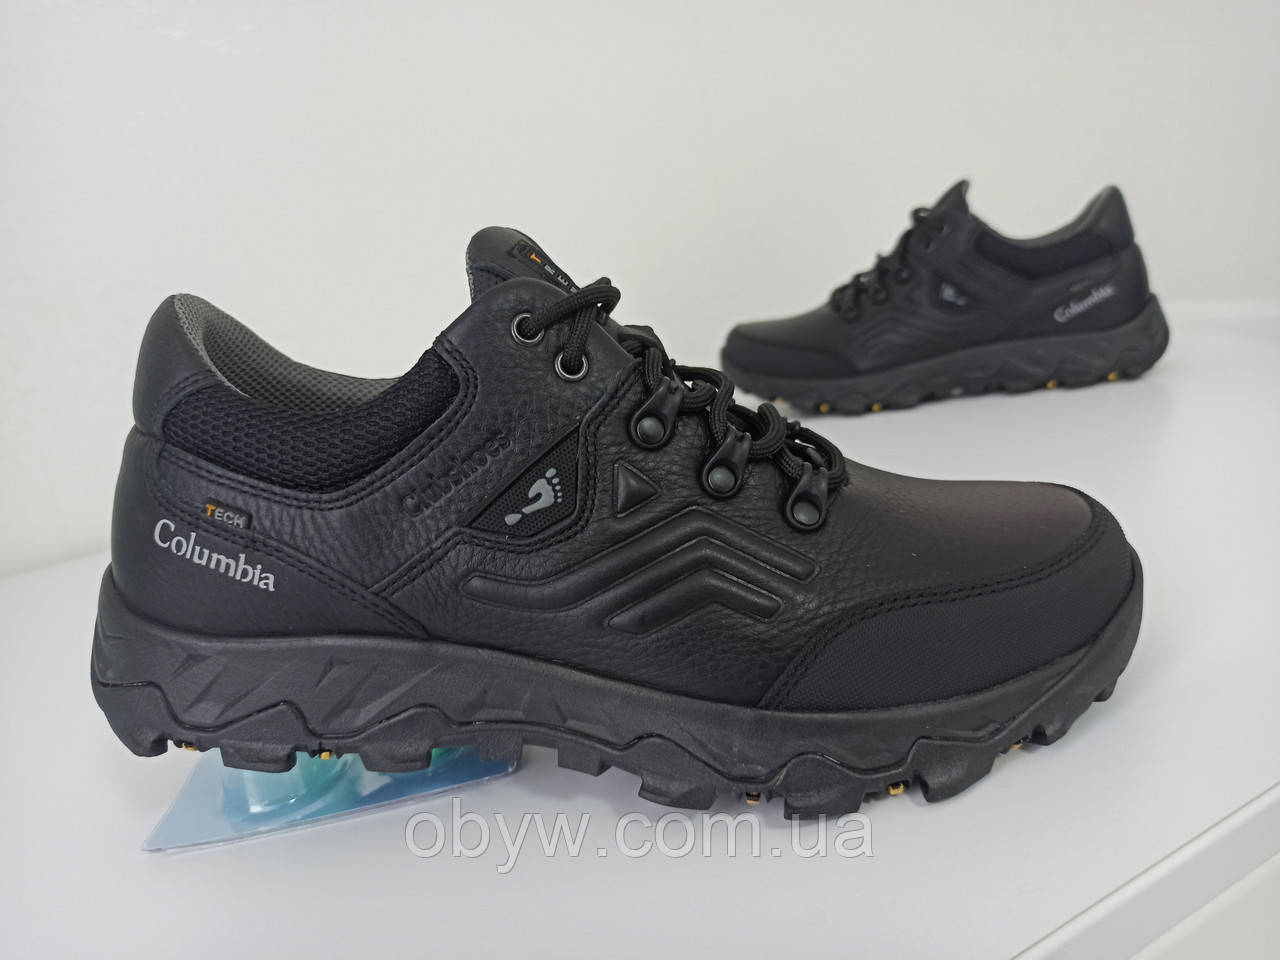 Весенняя мужская кожаная обувь Columbia shoes ZX- 90